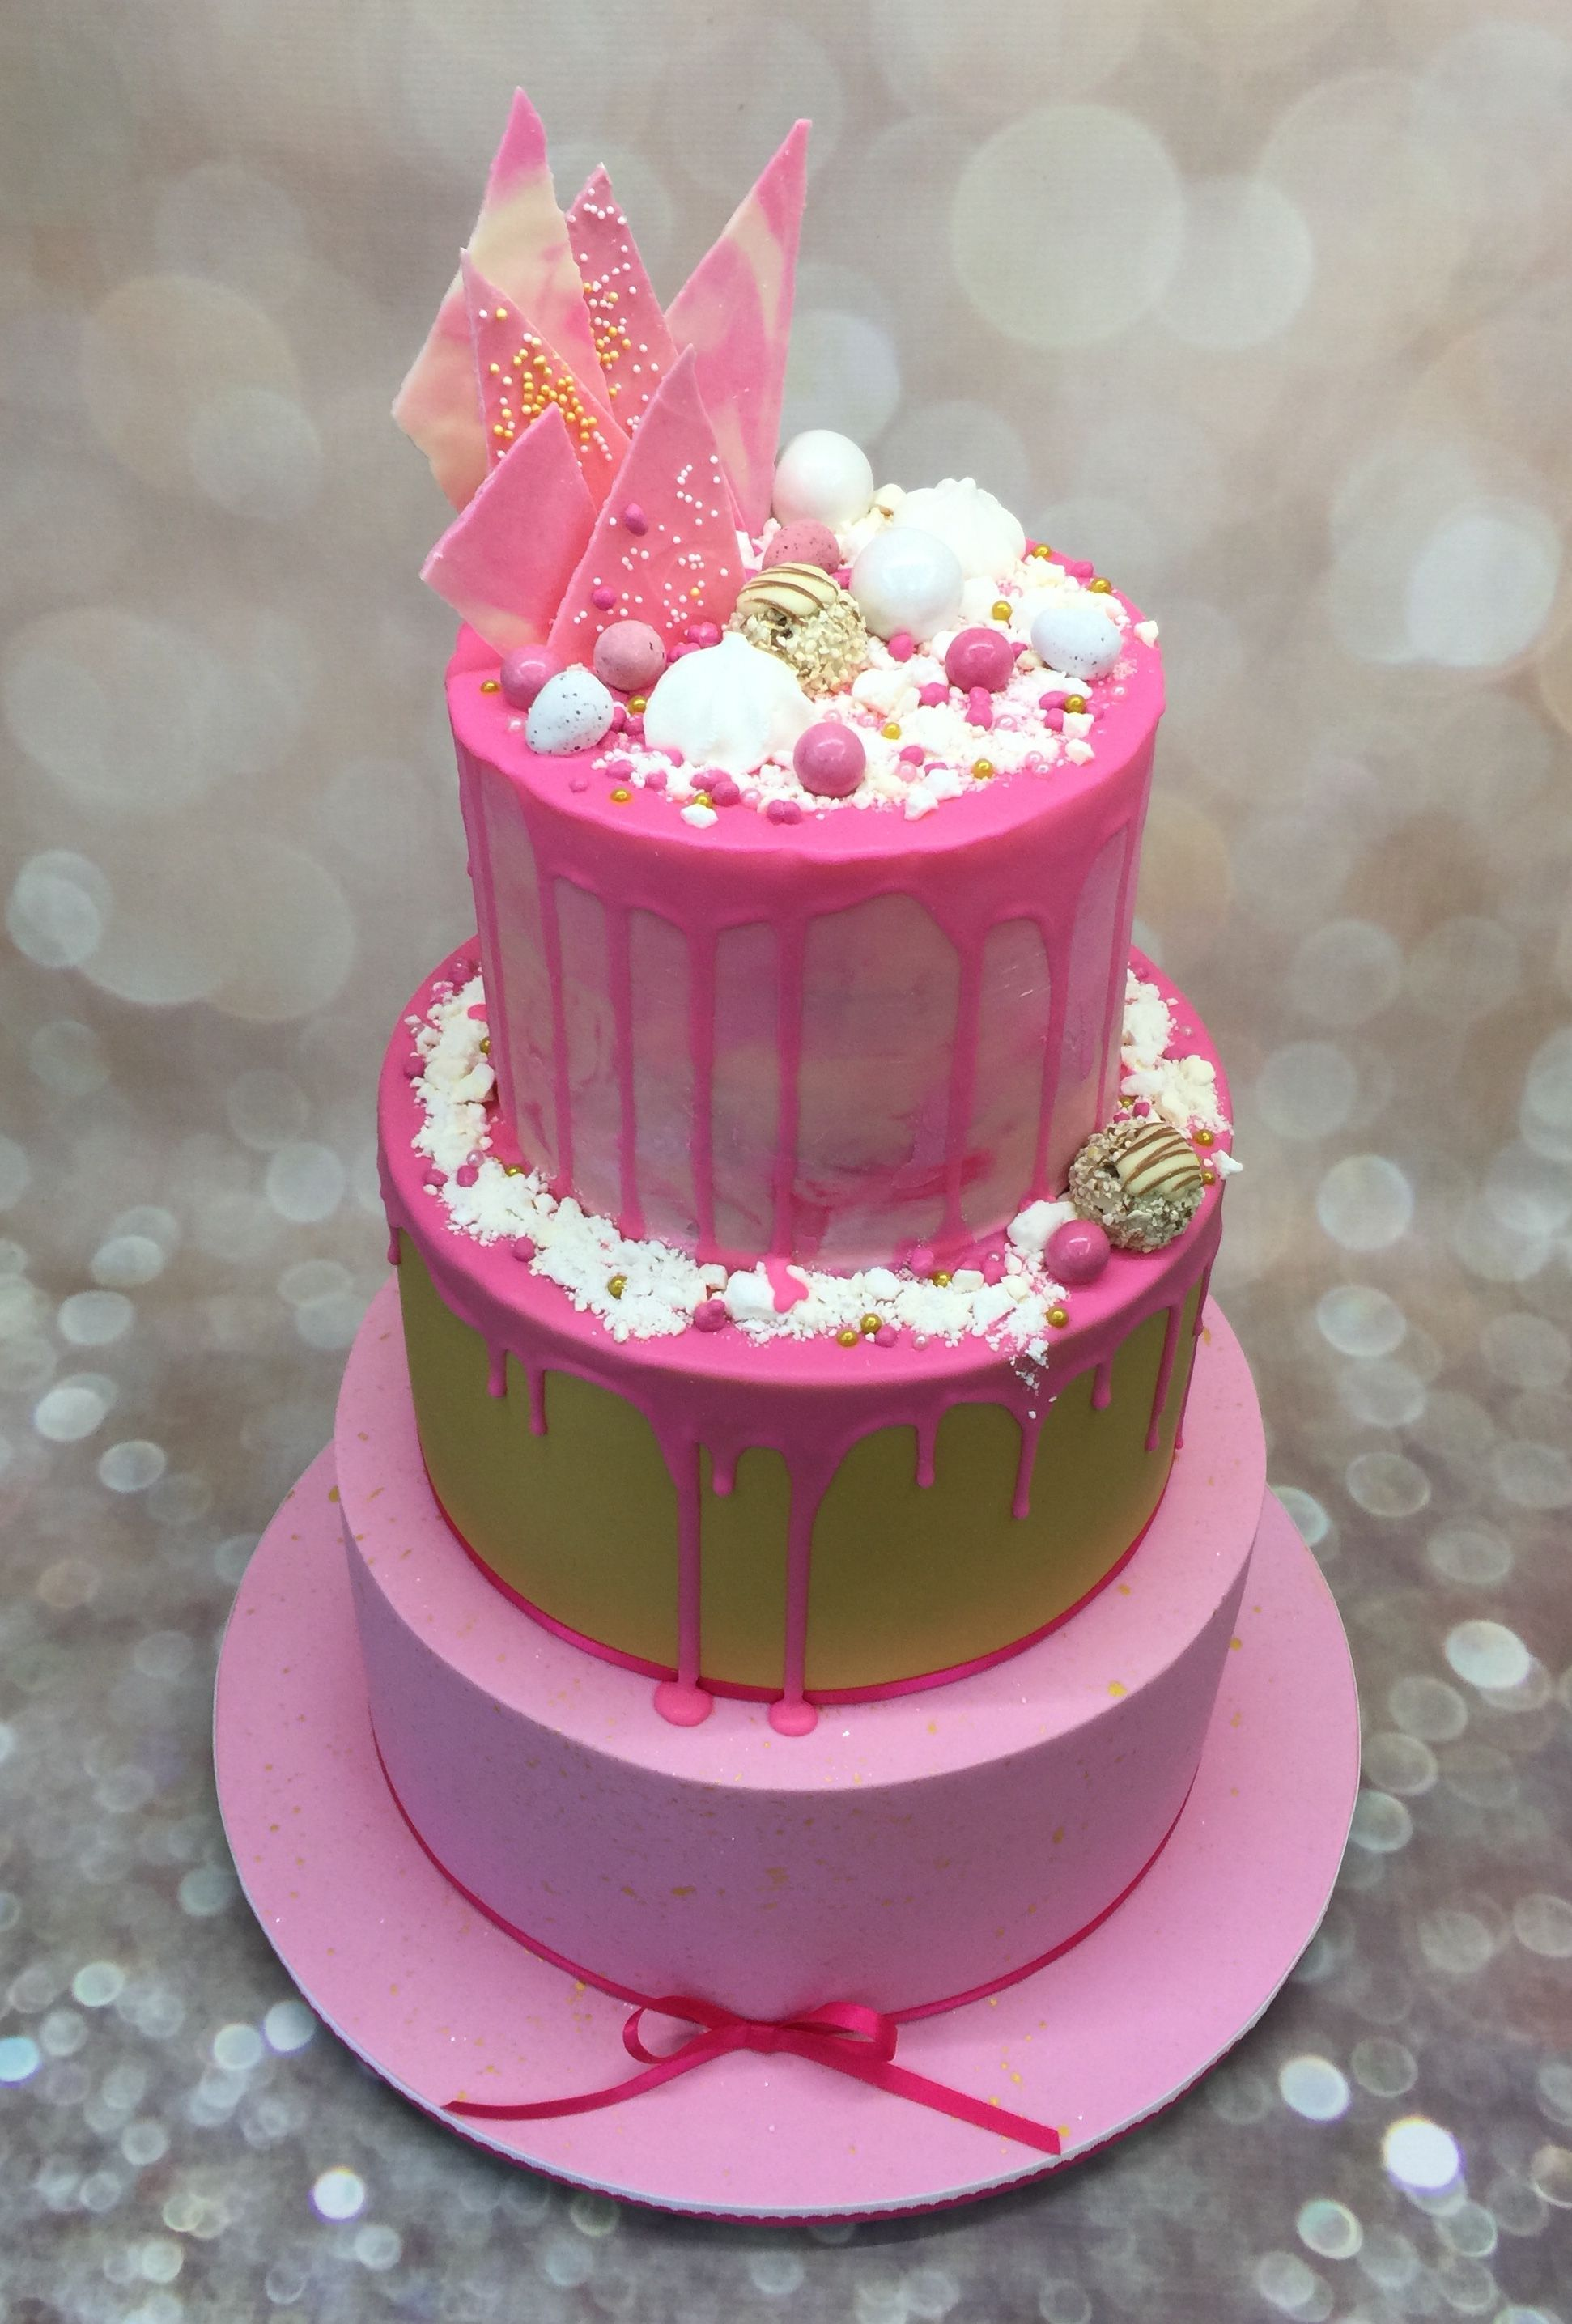 #dripcakes   Homemade cakes, Chocolate cake designs